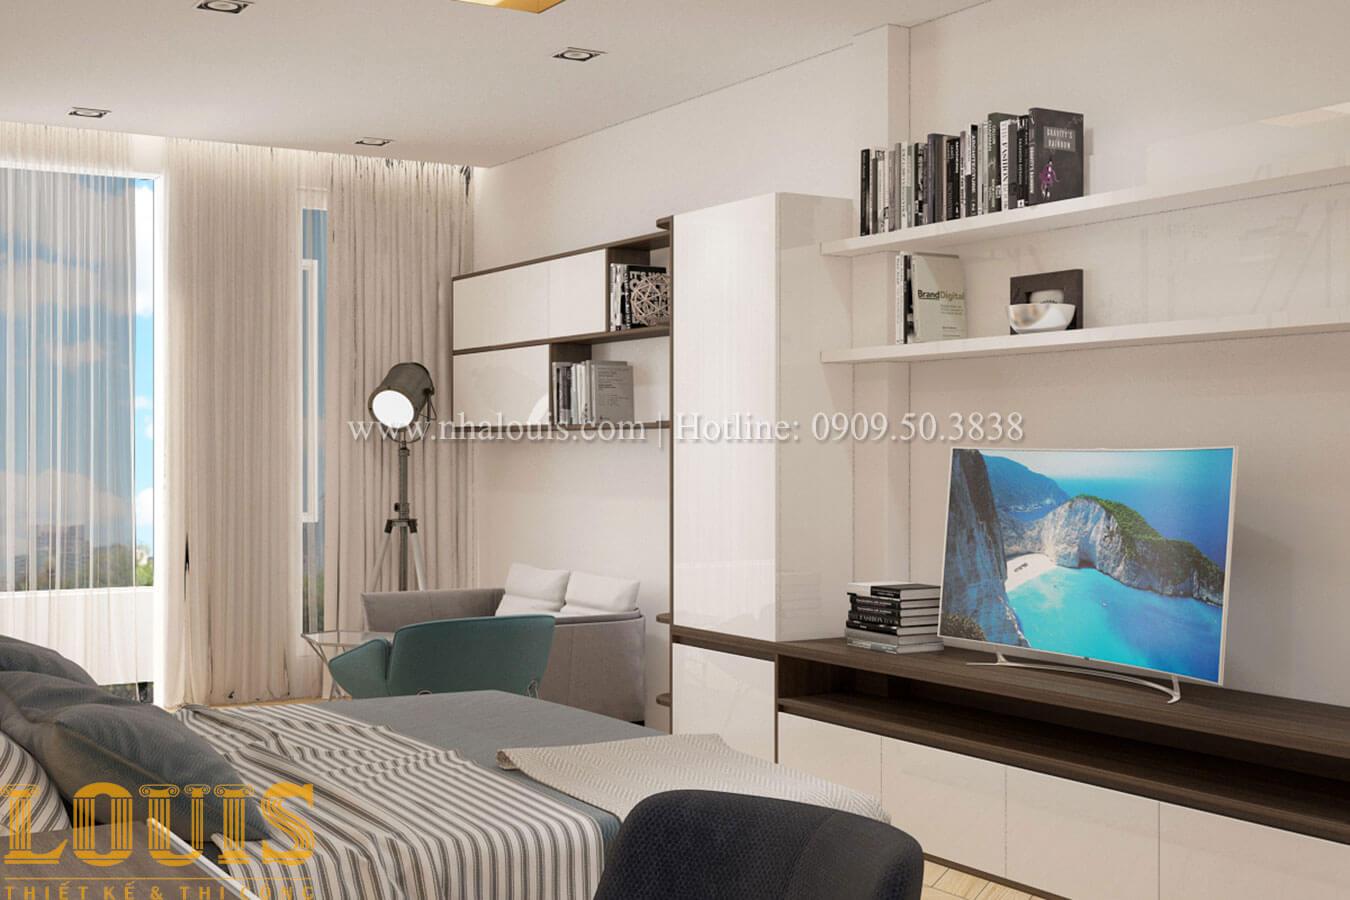 Phòng ngủ con trai Thiết kế cải tạo nhà phố 6 tầng chuẩn tinh tế tại Quận 11 - 38